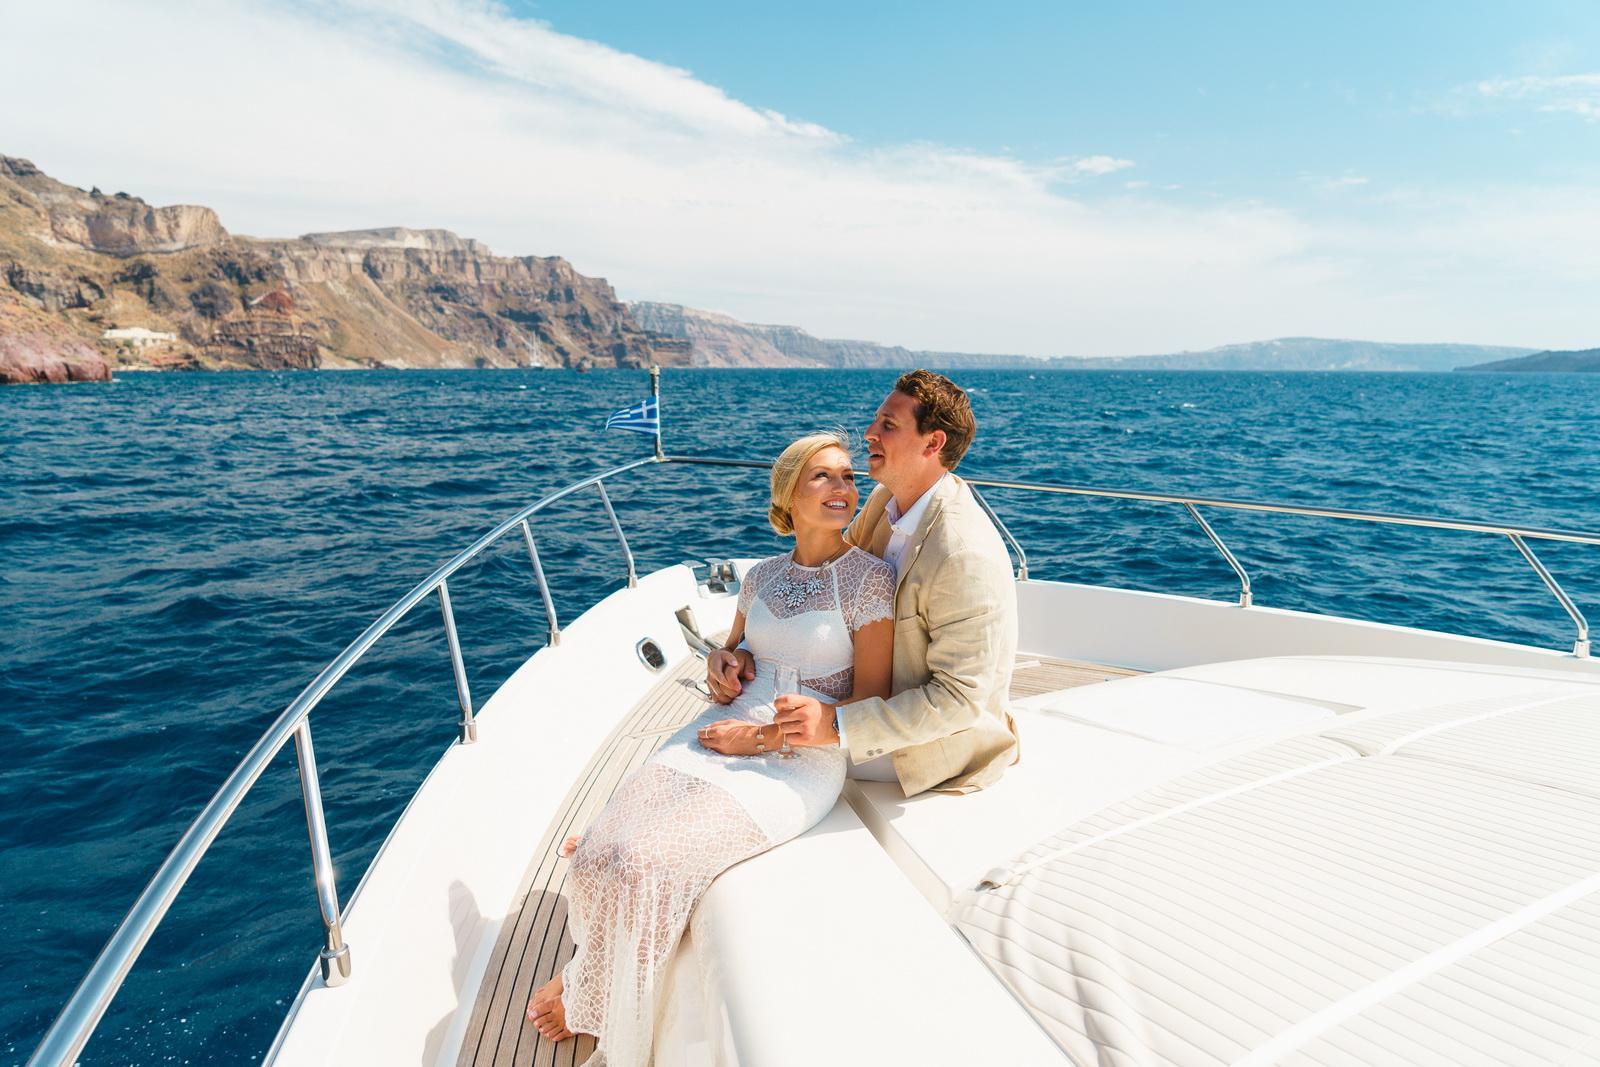 Аренда яхты: свадьба на санторини, свадебное агентство Julia Veselova - Фото 4